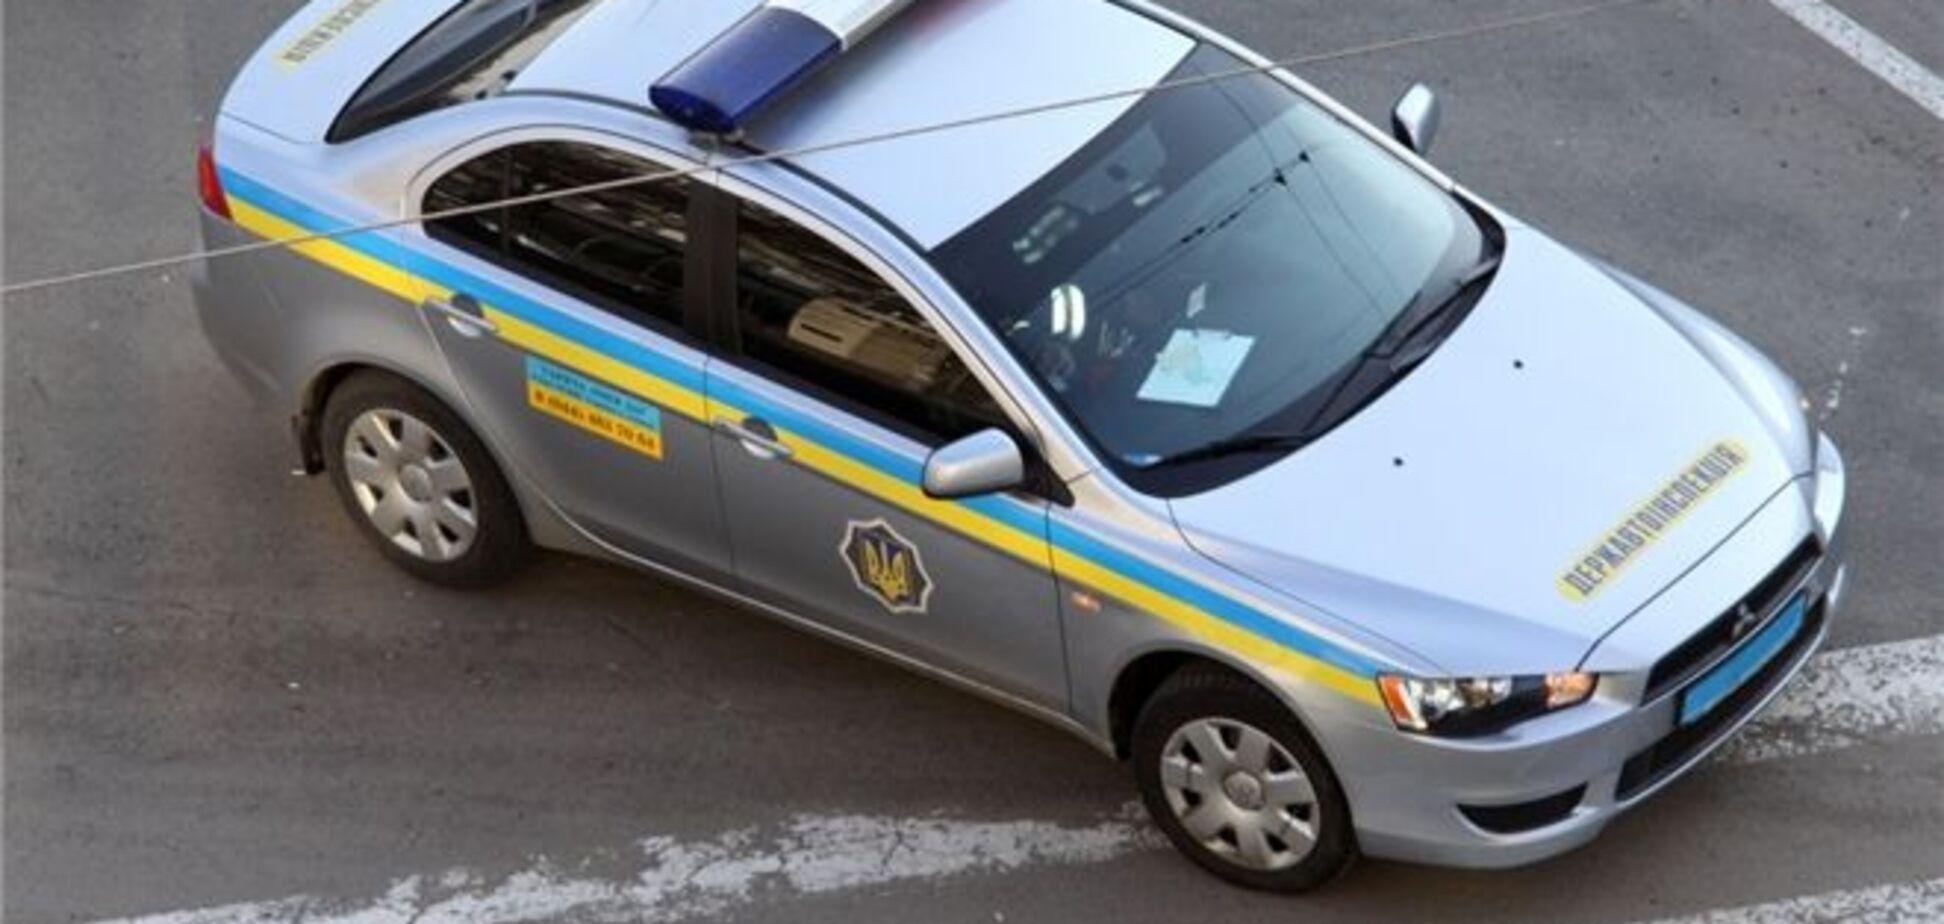 Громадські активісти 2:00 блокували автомобіль ДАІ в Дніпропетровську